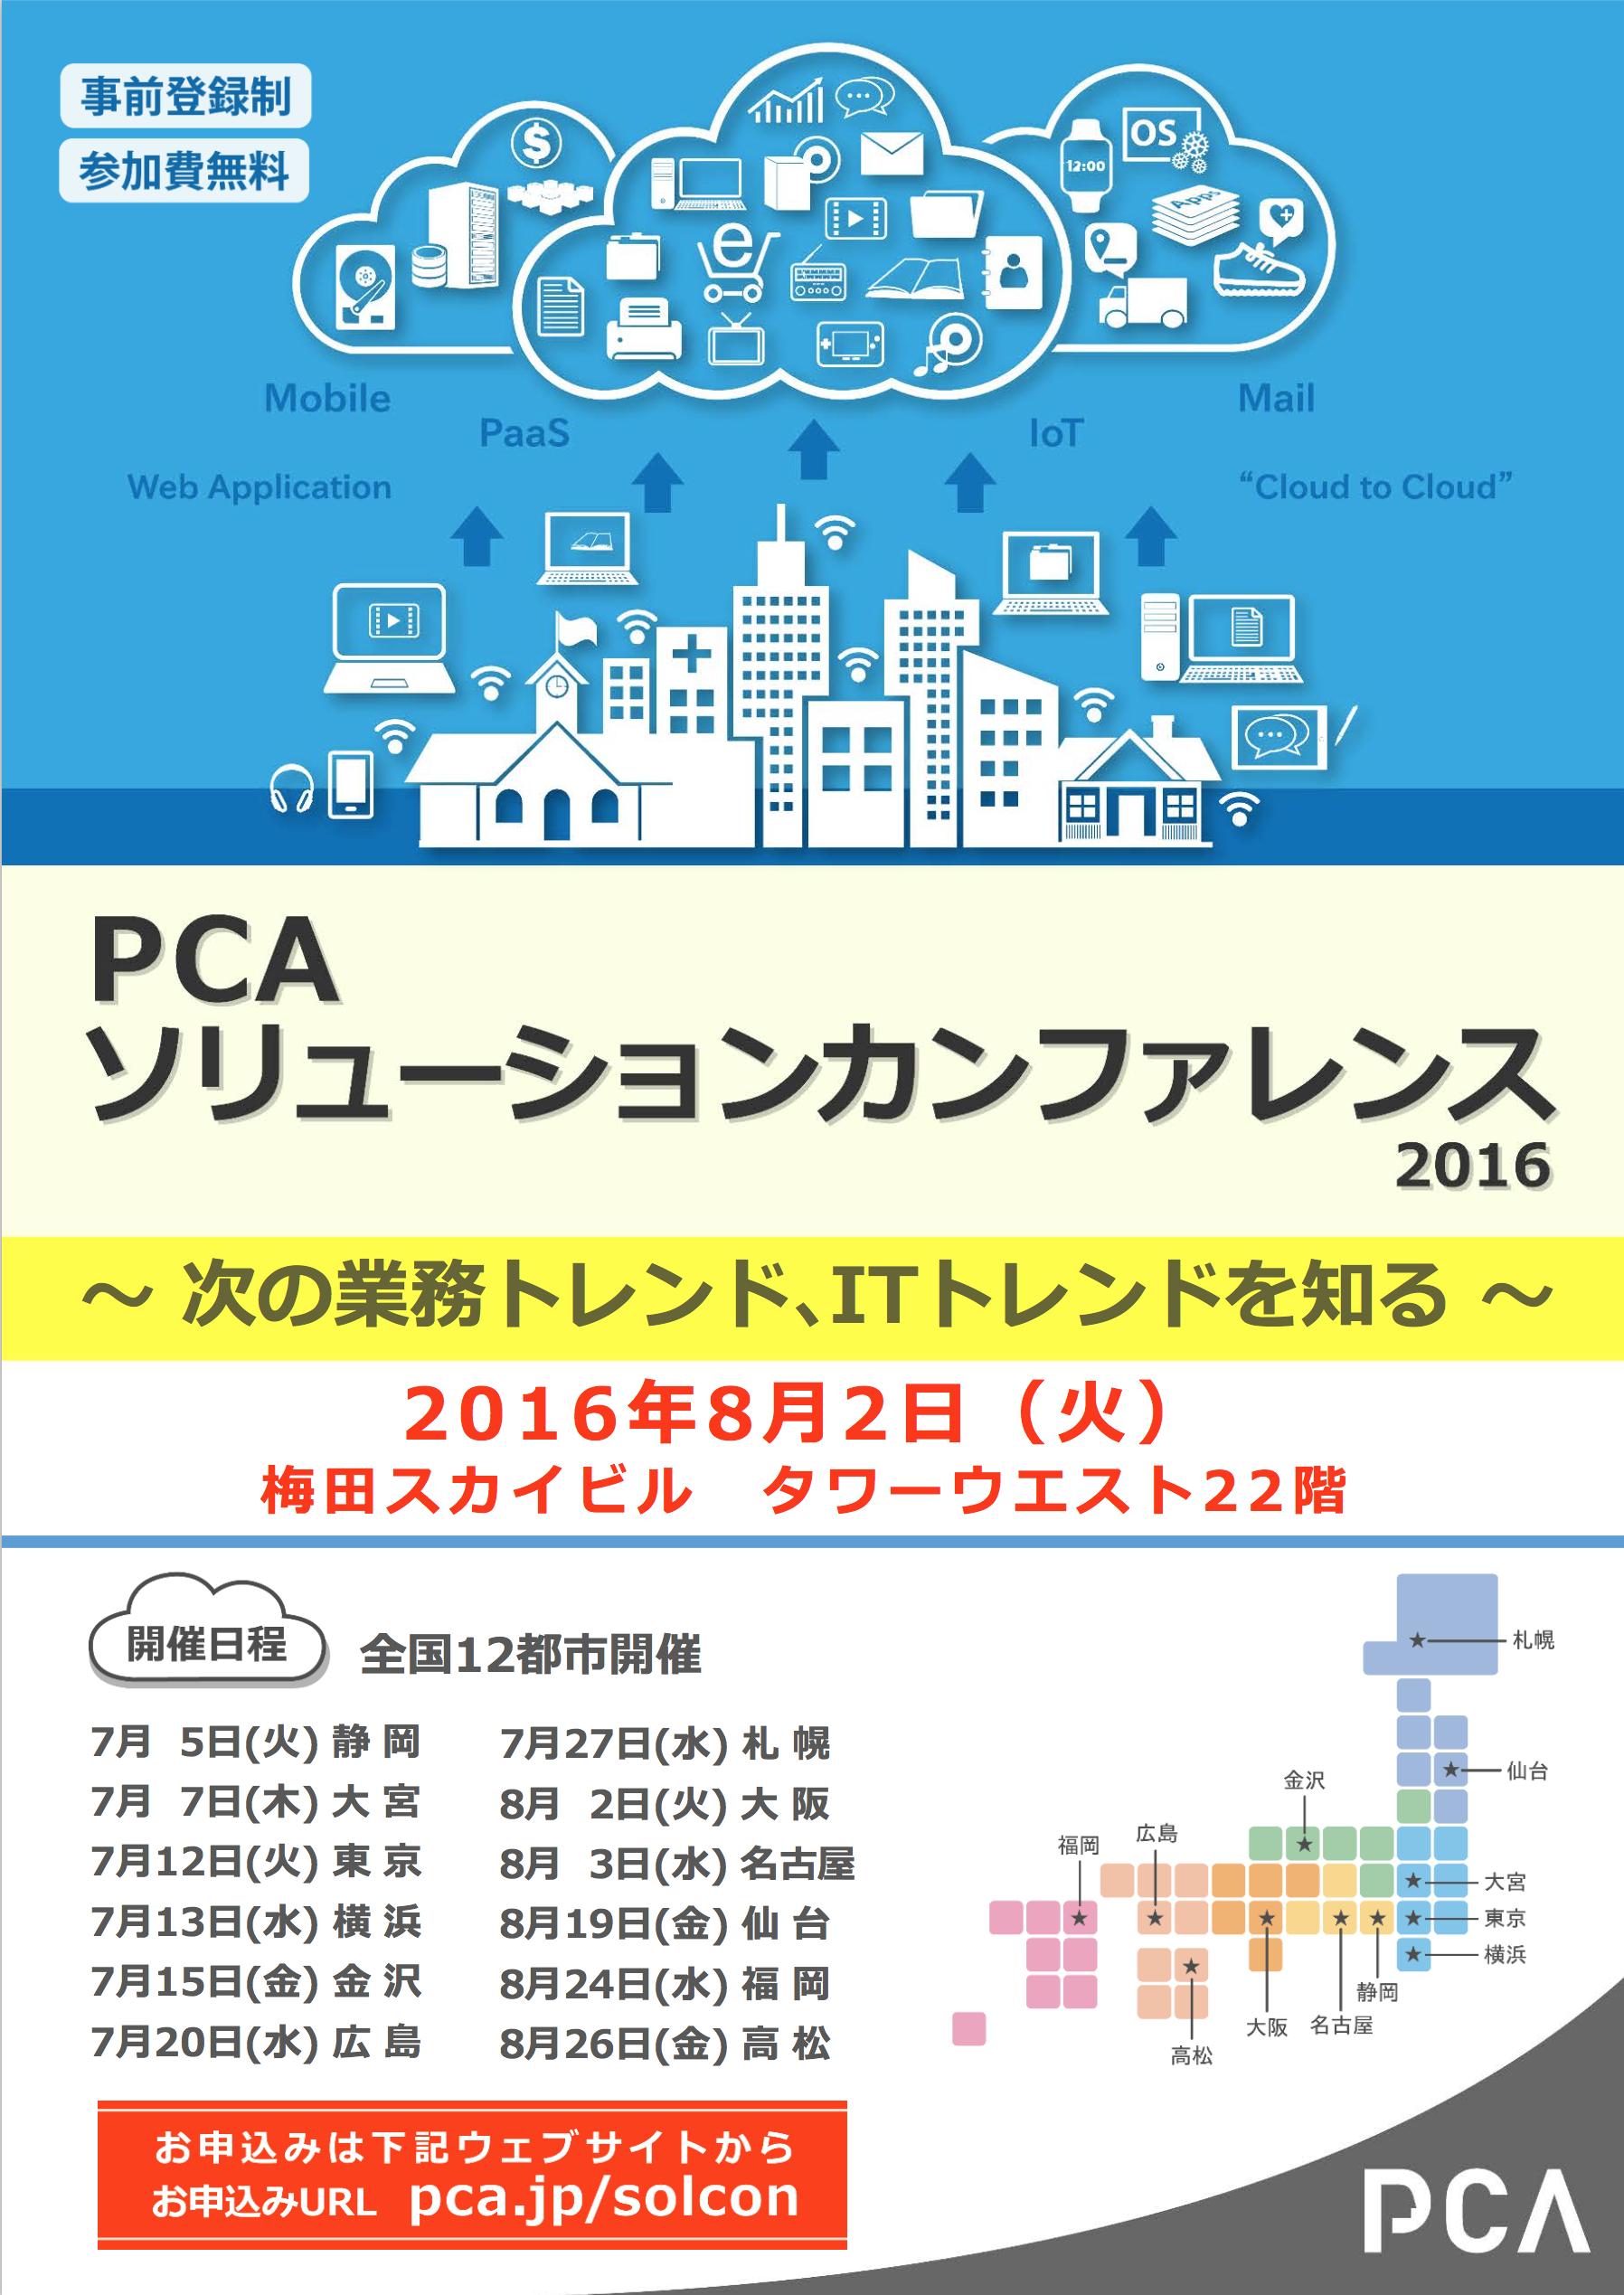 PCAソリューションカンファレンス 2016 in 大阪